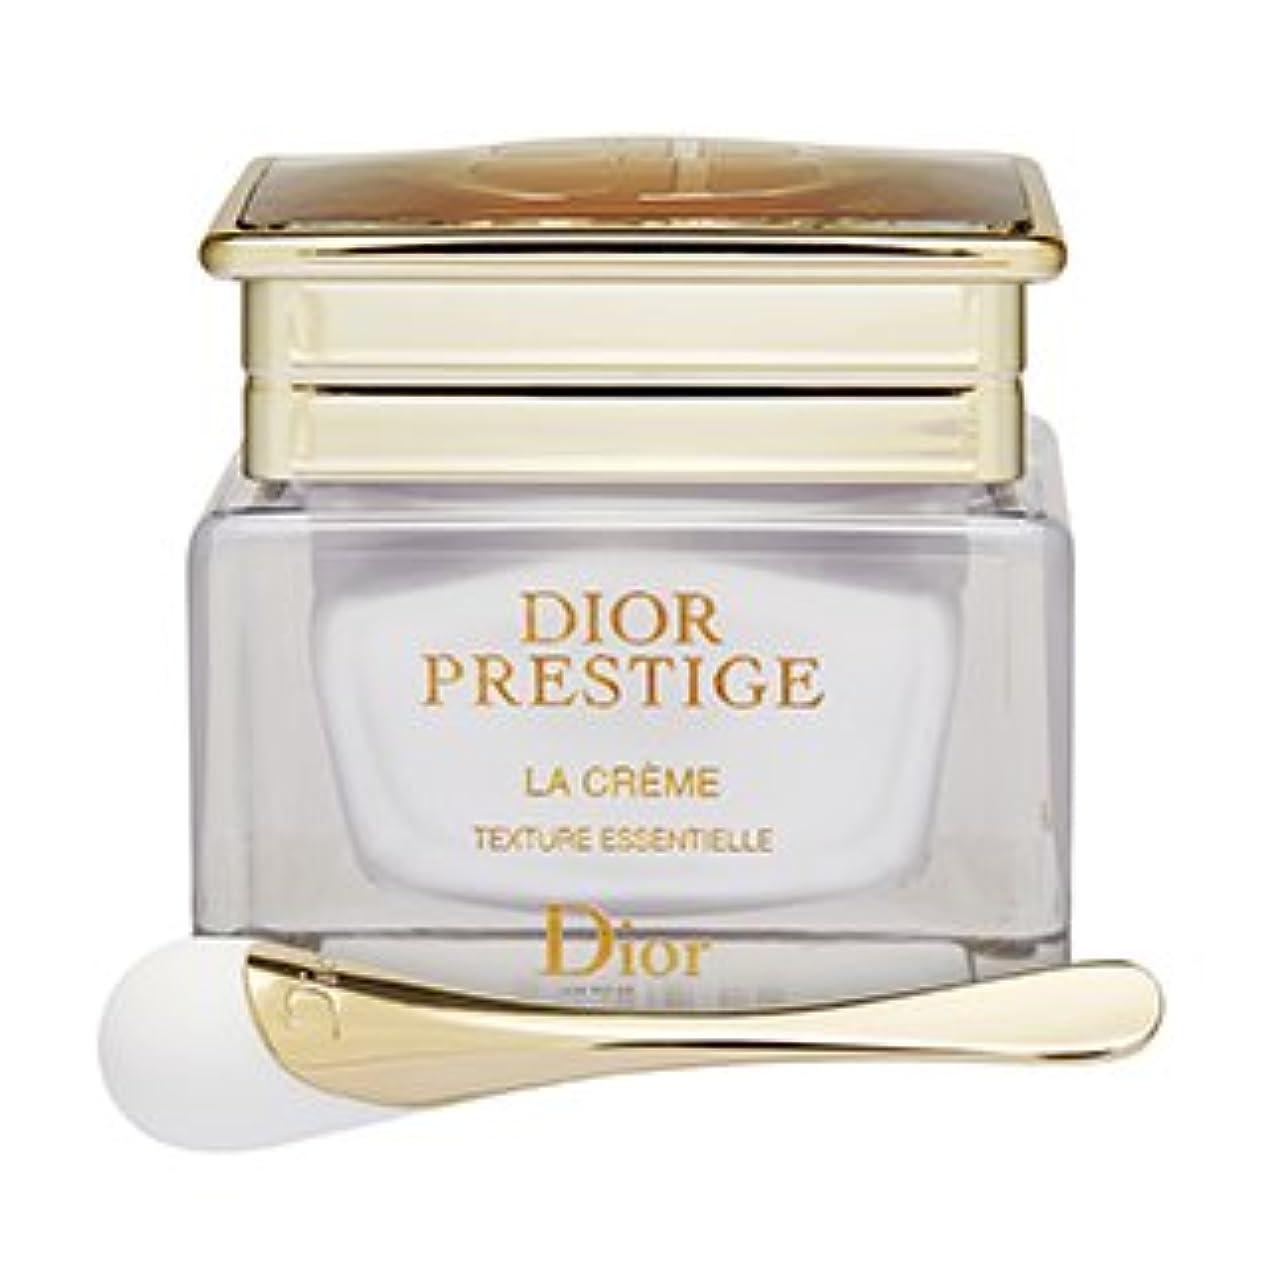 分子義務療法ディオール(Dior) プレステージ ラ クレーム - 極上のテクスチャー [並行輸入品]